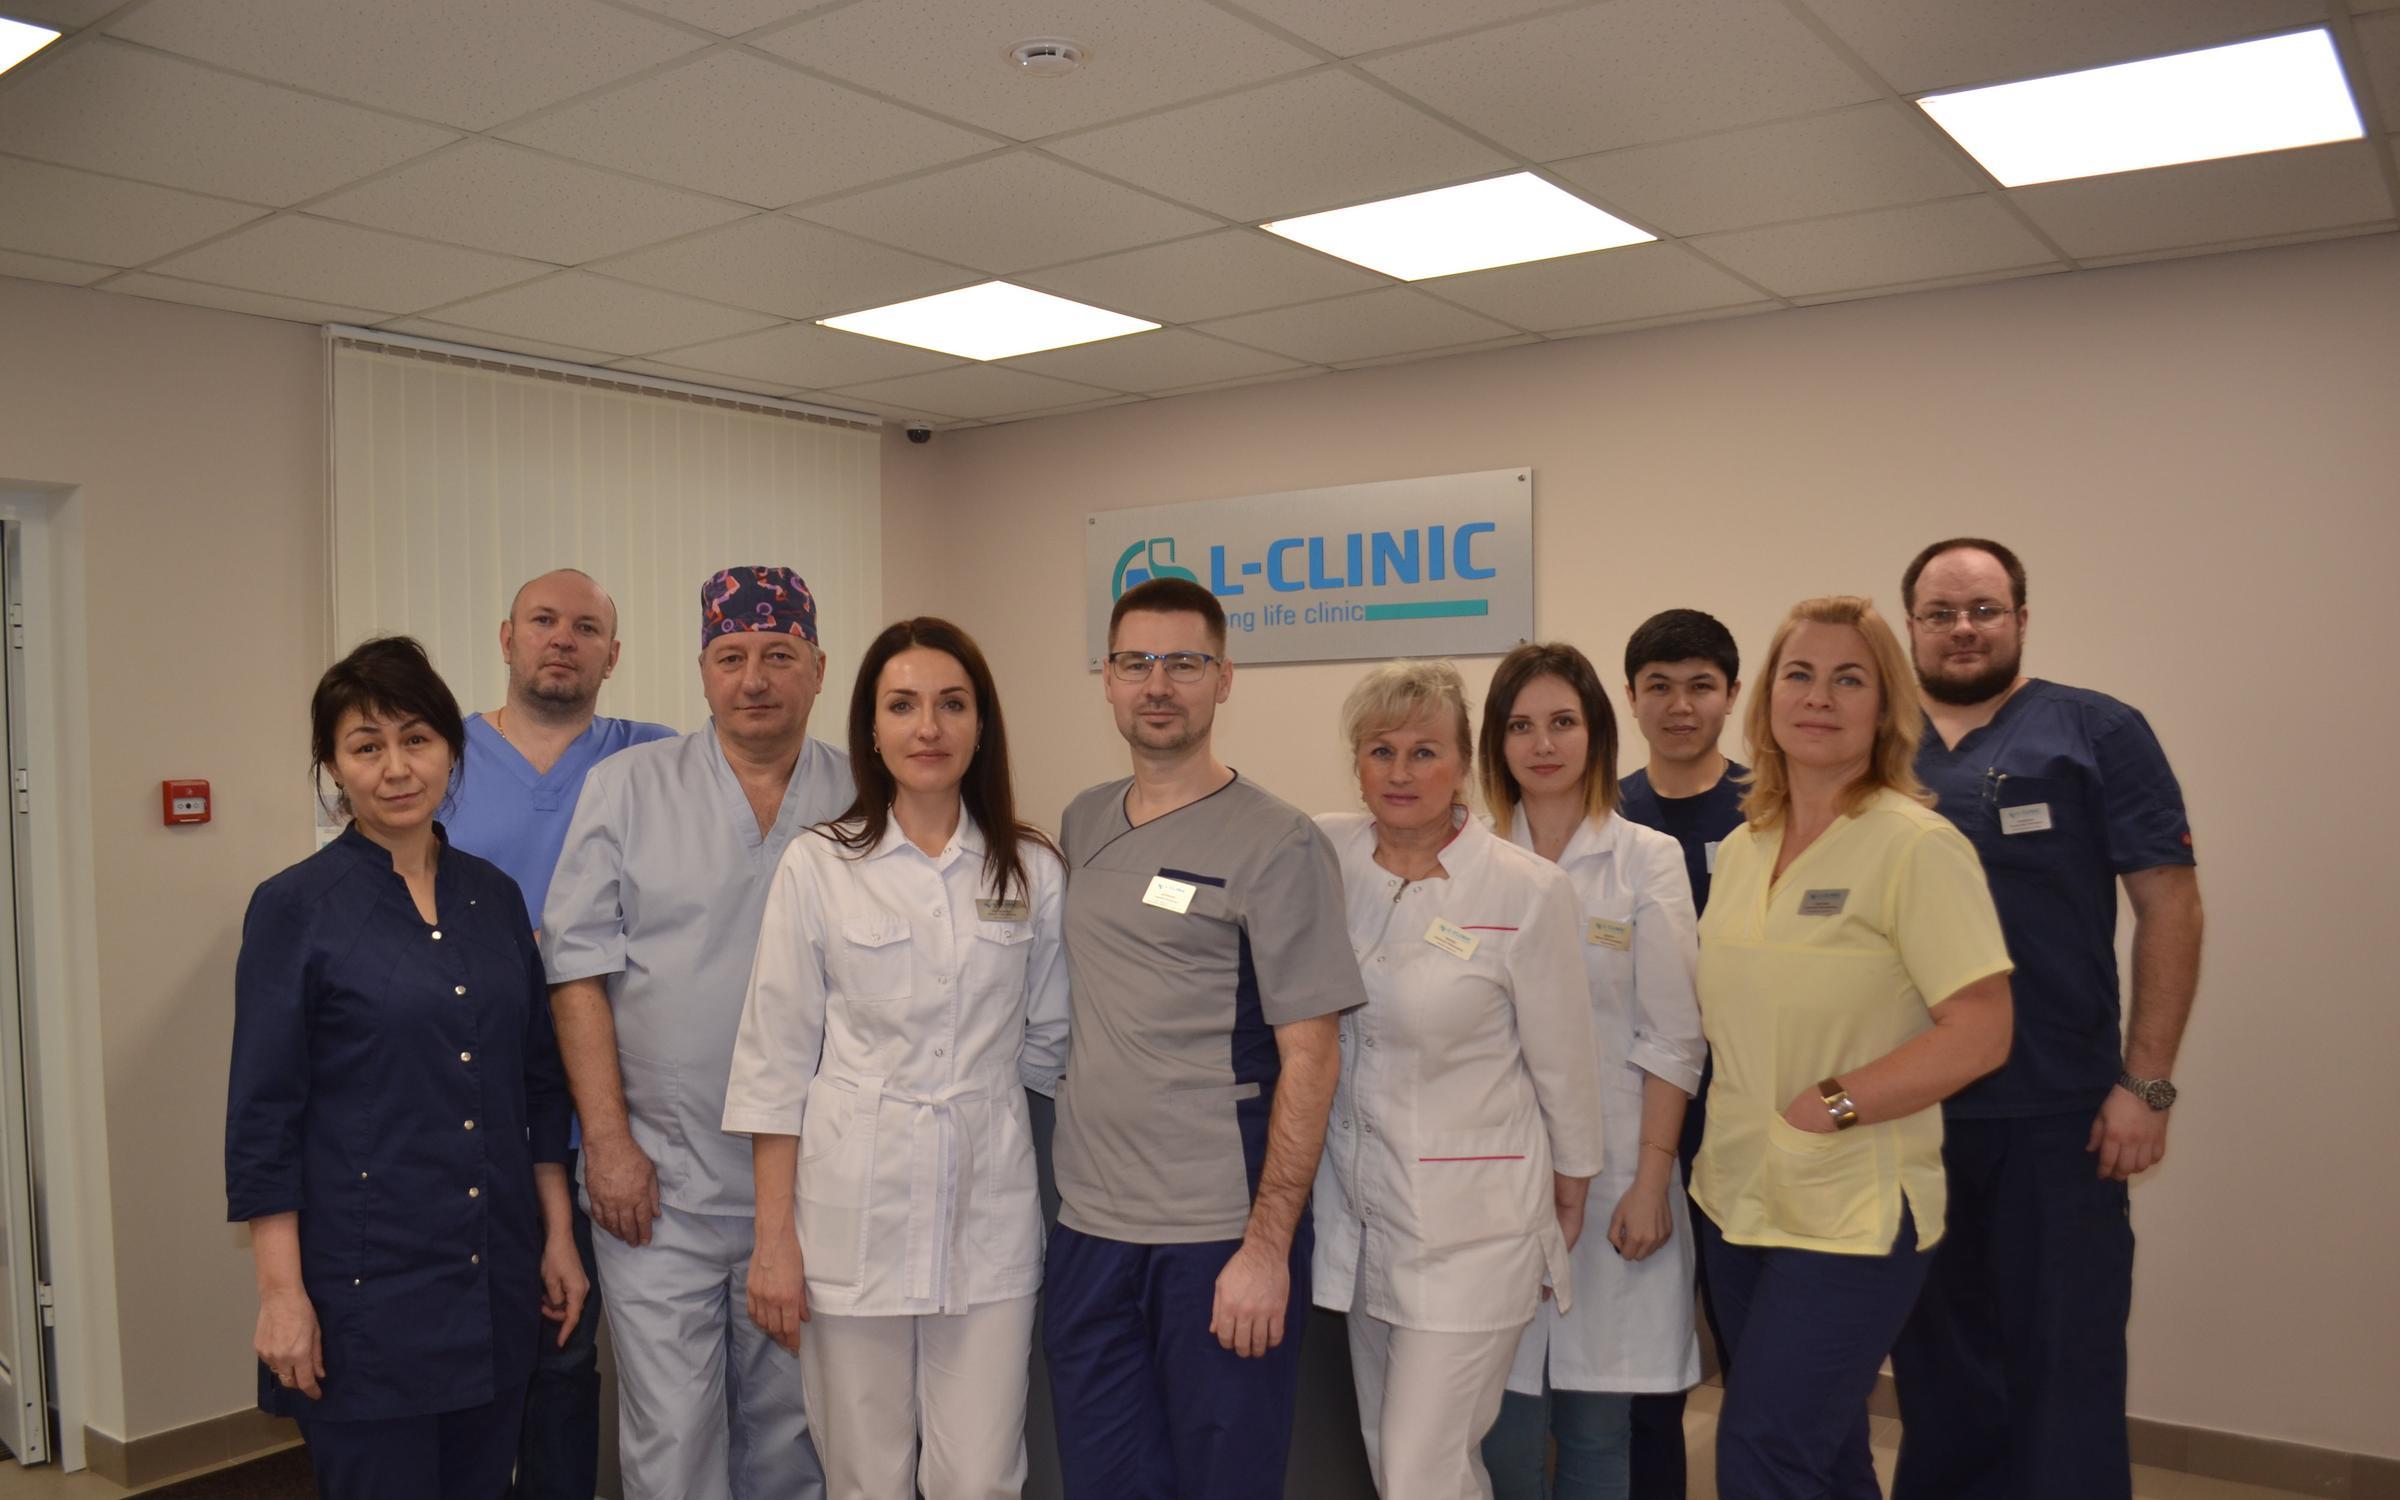 фотография Медицинской клиники Эль-клиник в Сходне